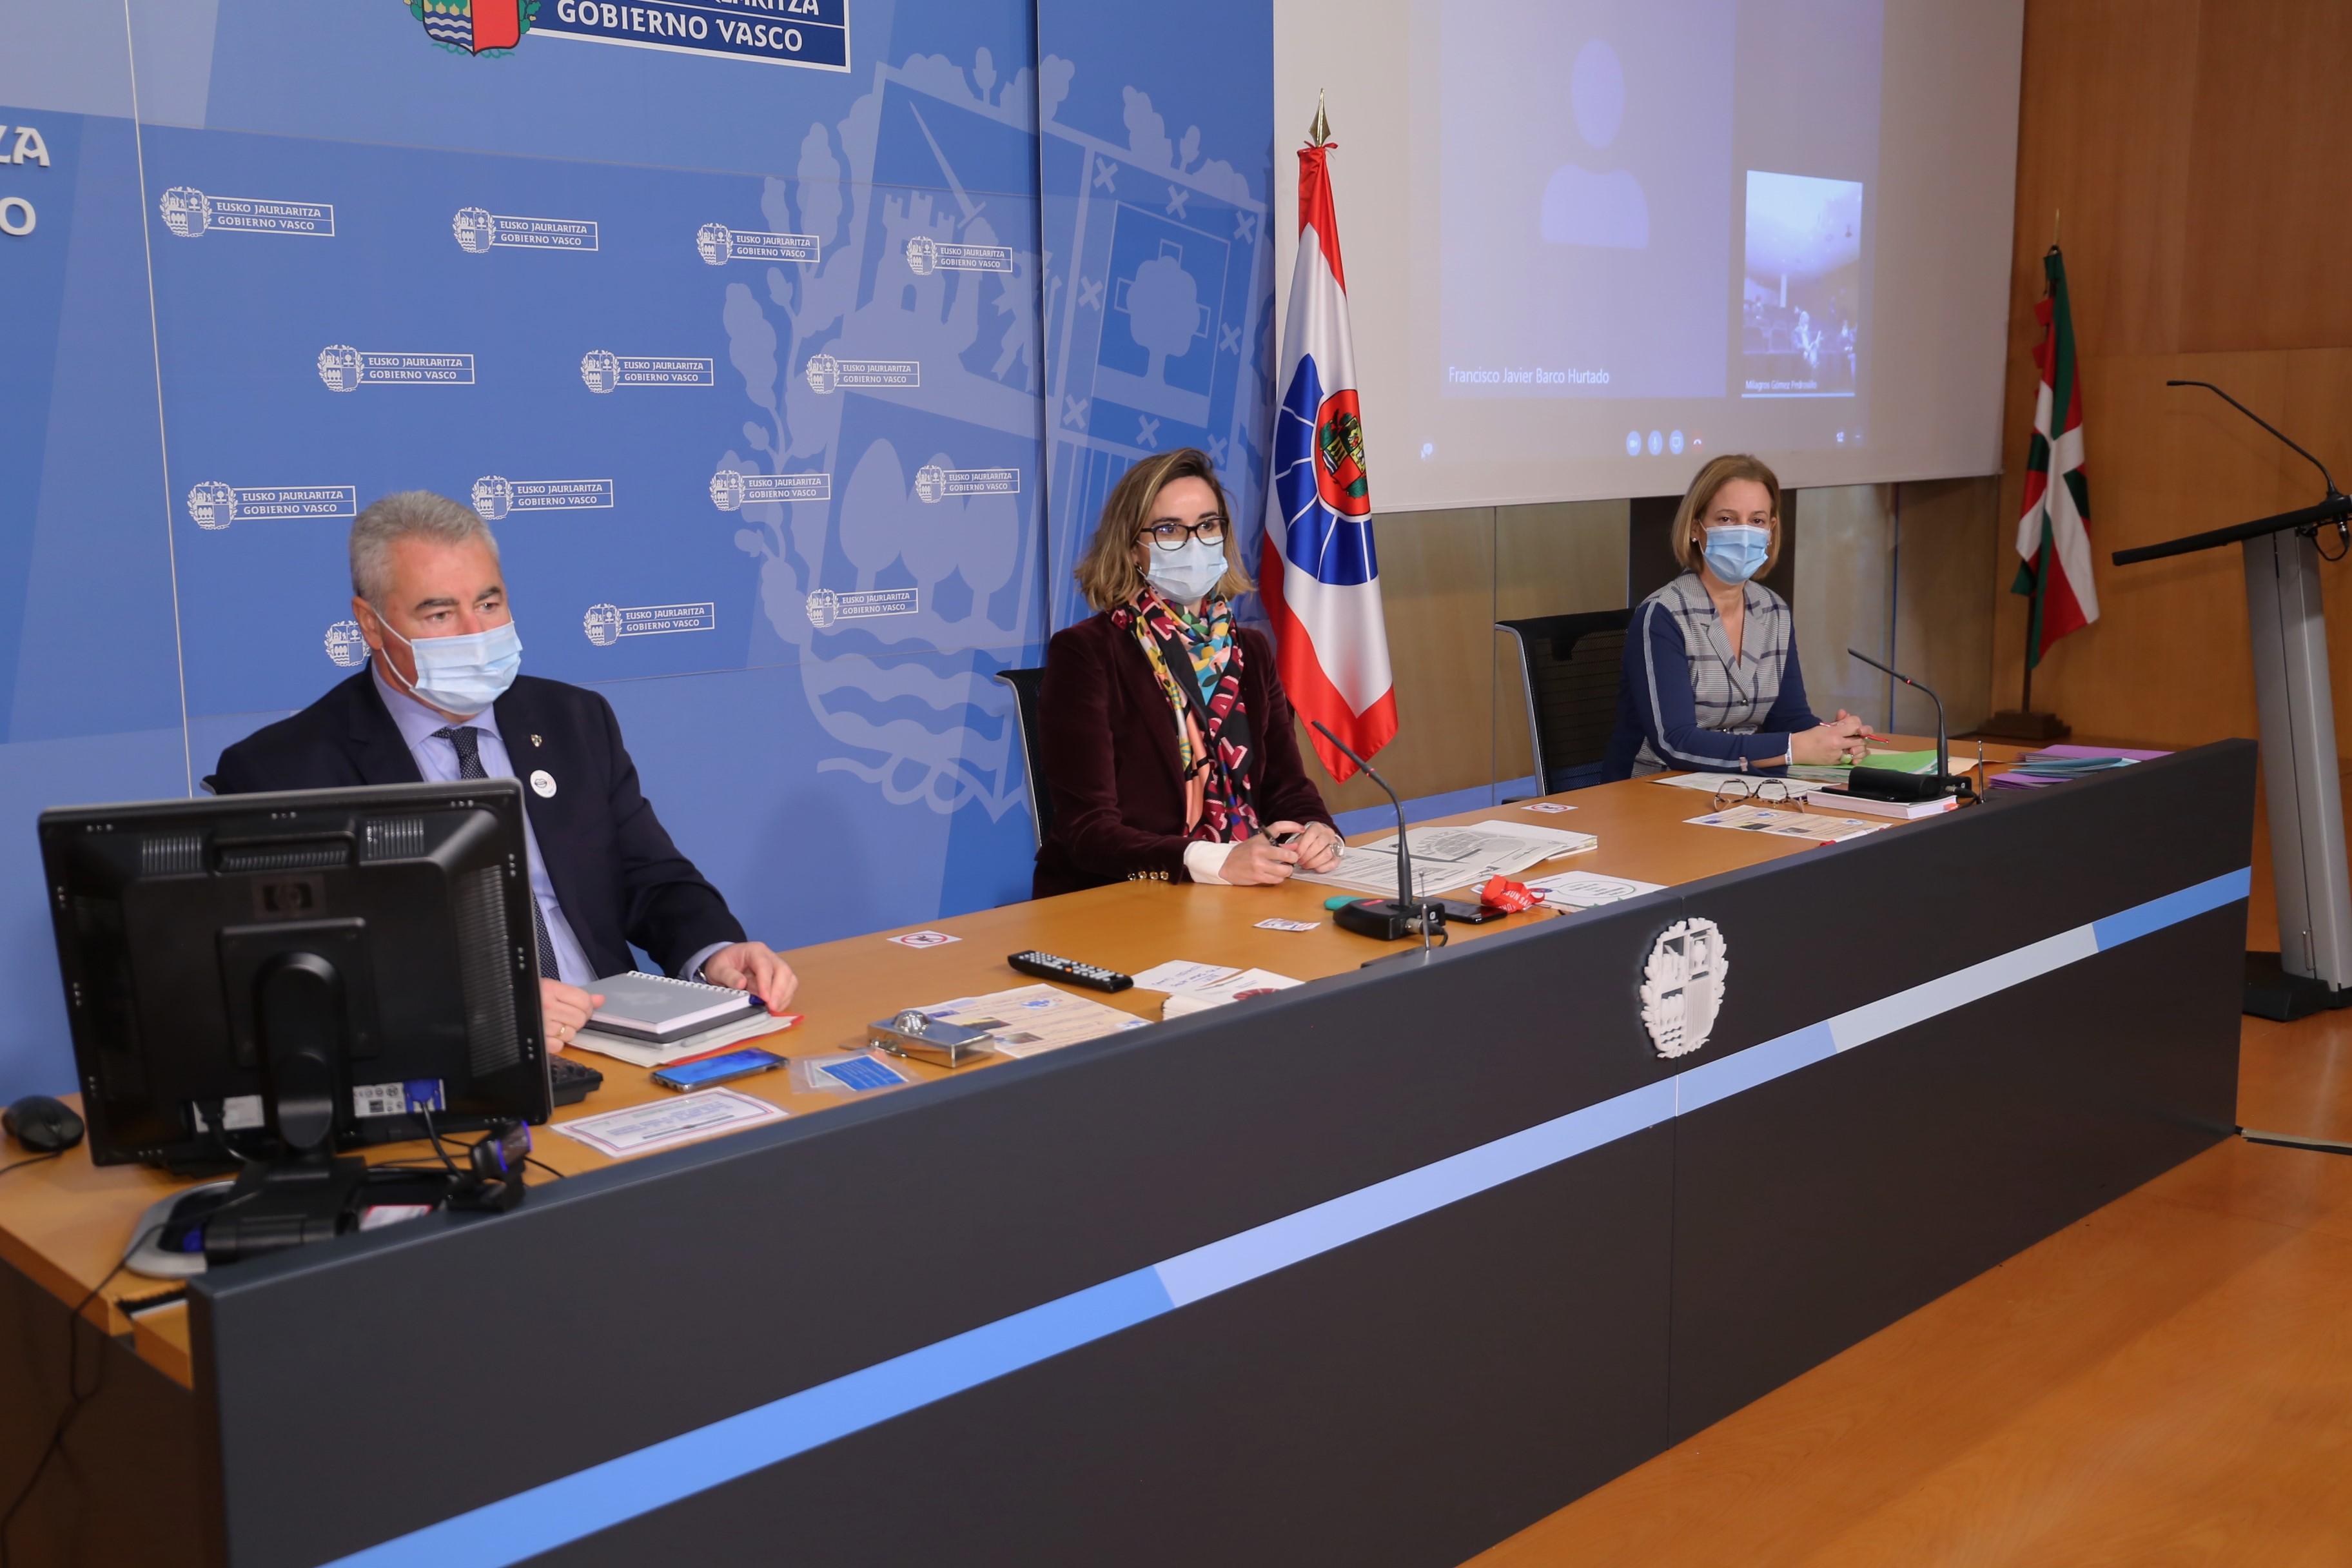 El Gobierno Vasco agradece y valora muy positivamente el clima de diálogo y entendimiento en el que se ha desarrollado la primera mesa negociación de la Ertzaintza de esta legislatura [0:53]